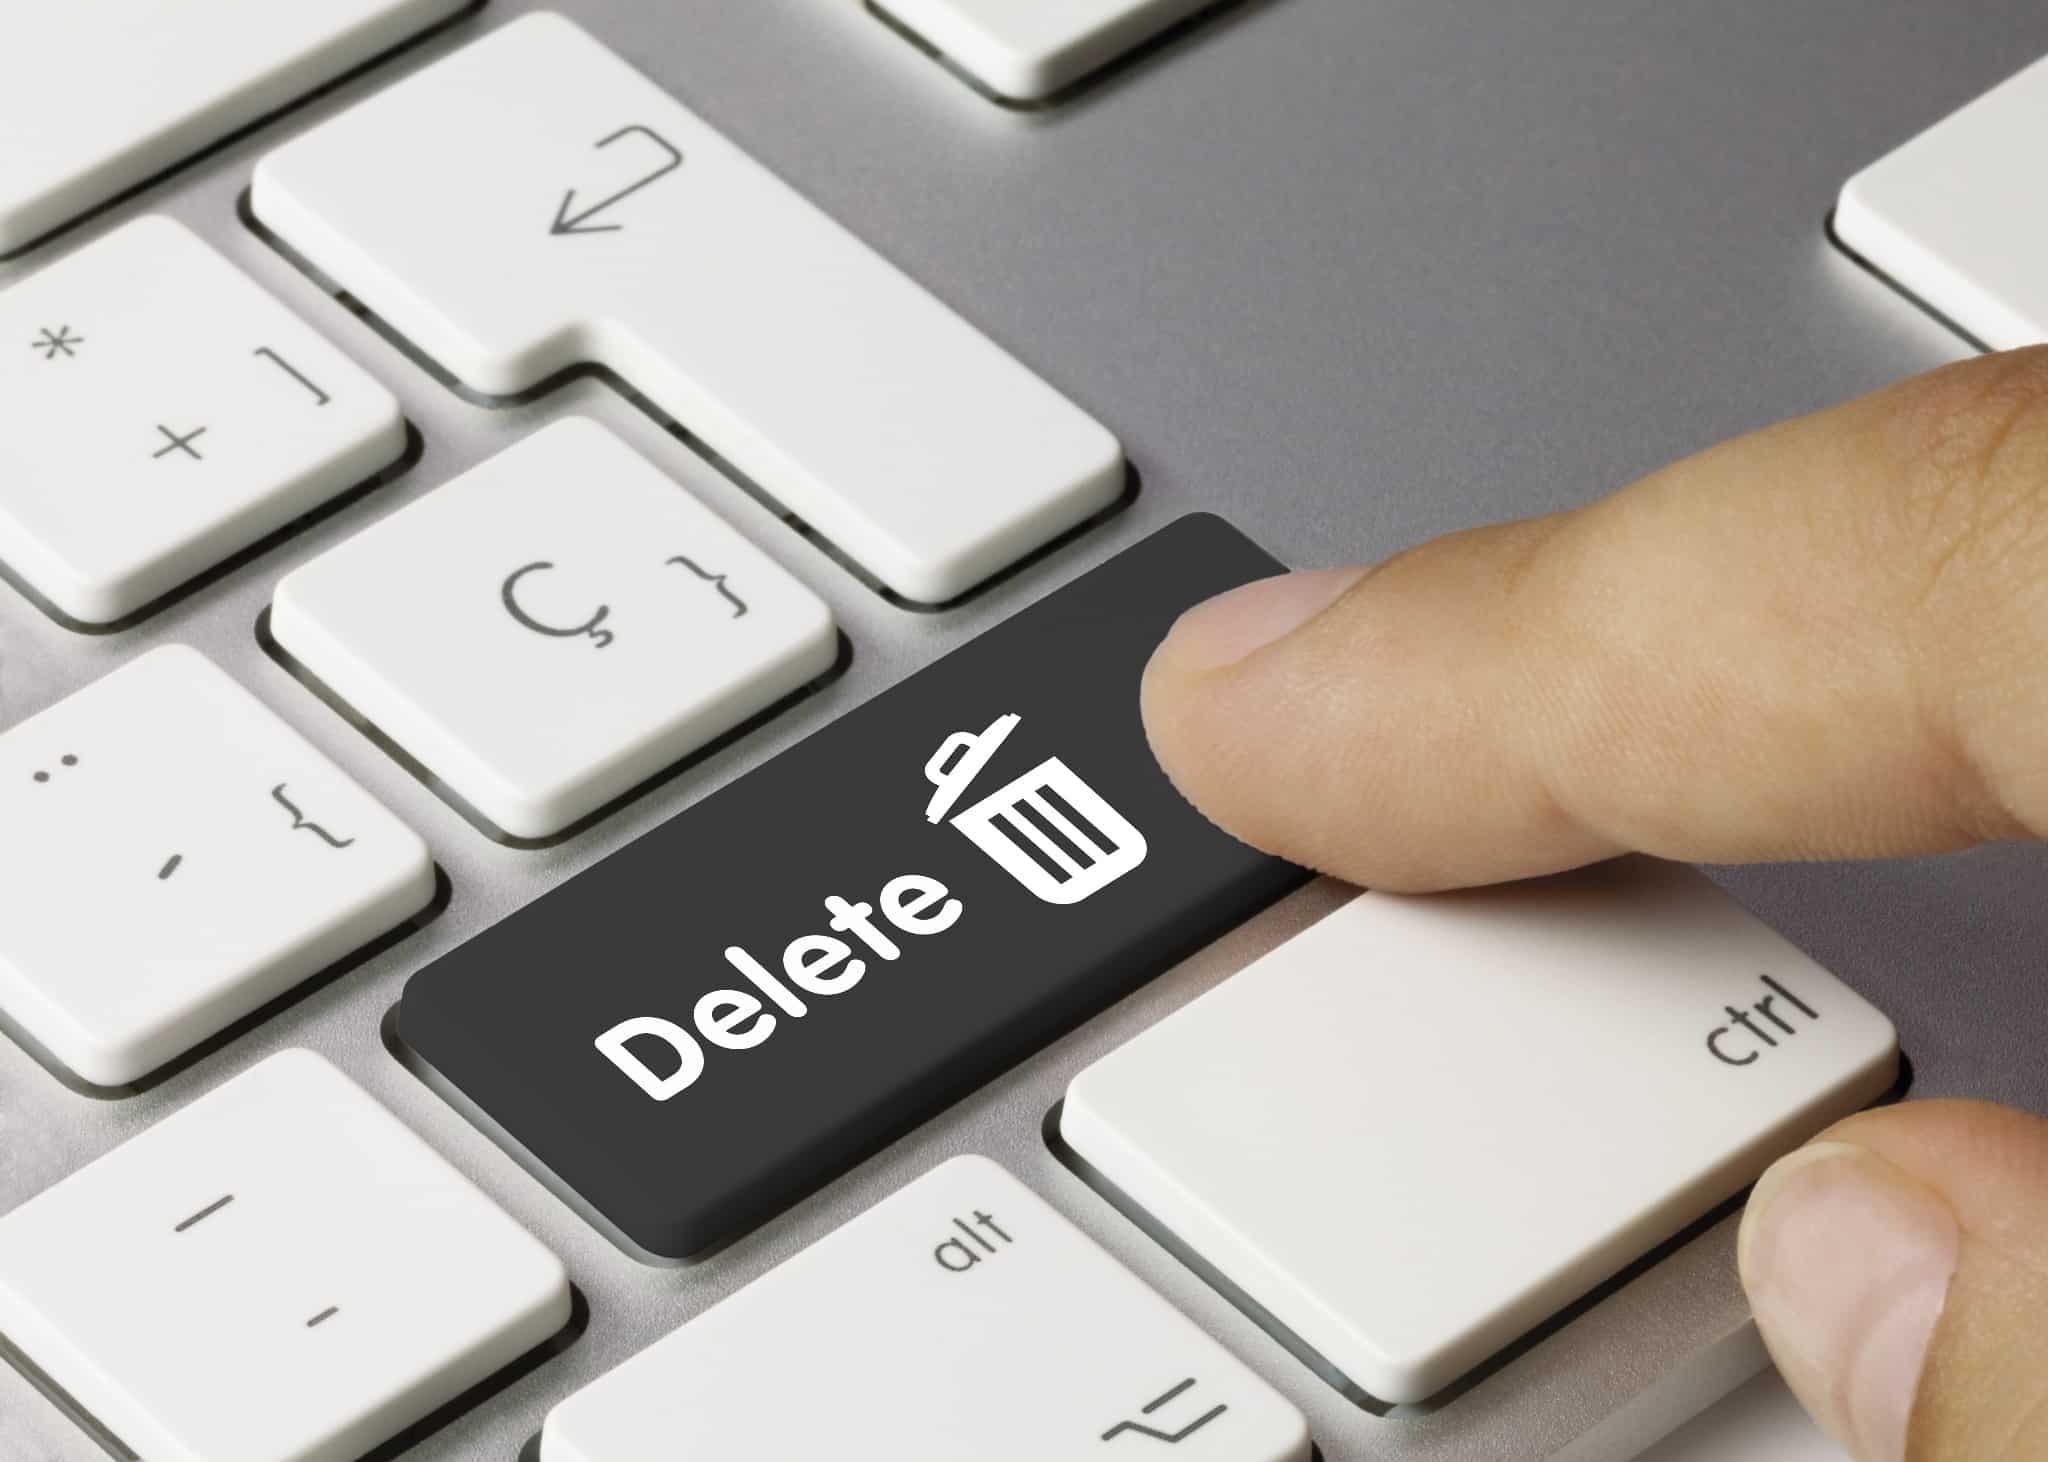 Should You Delete Old Blog Posts?